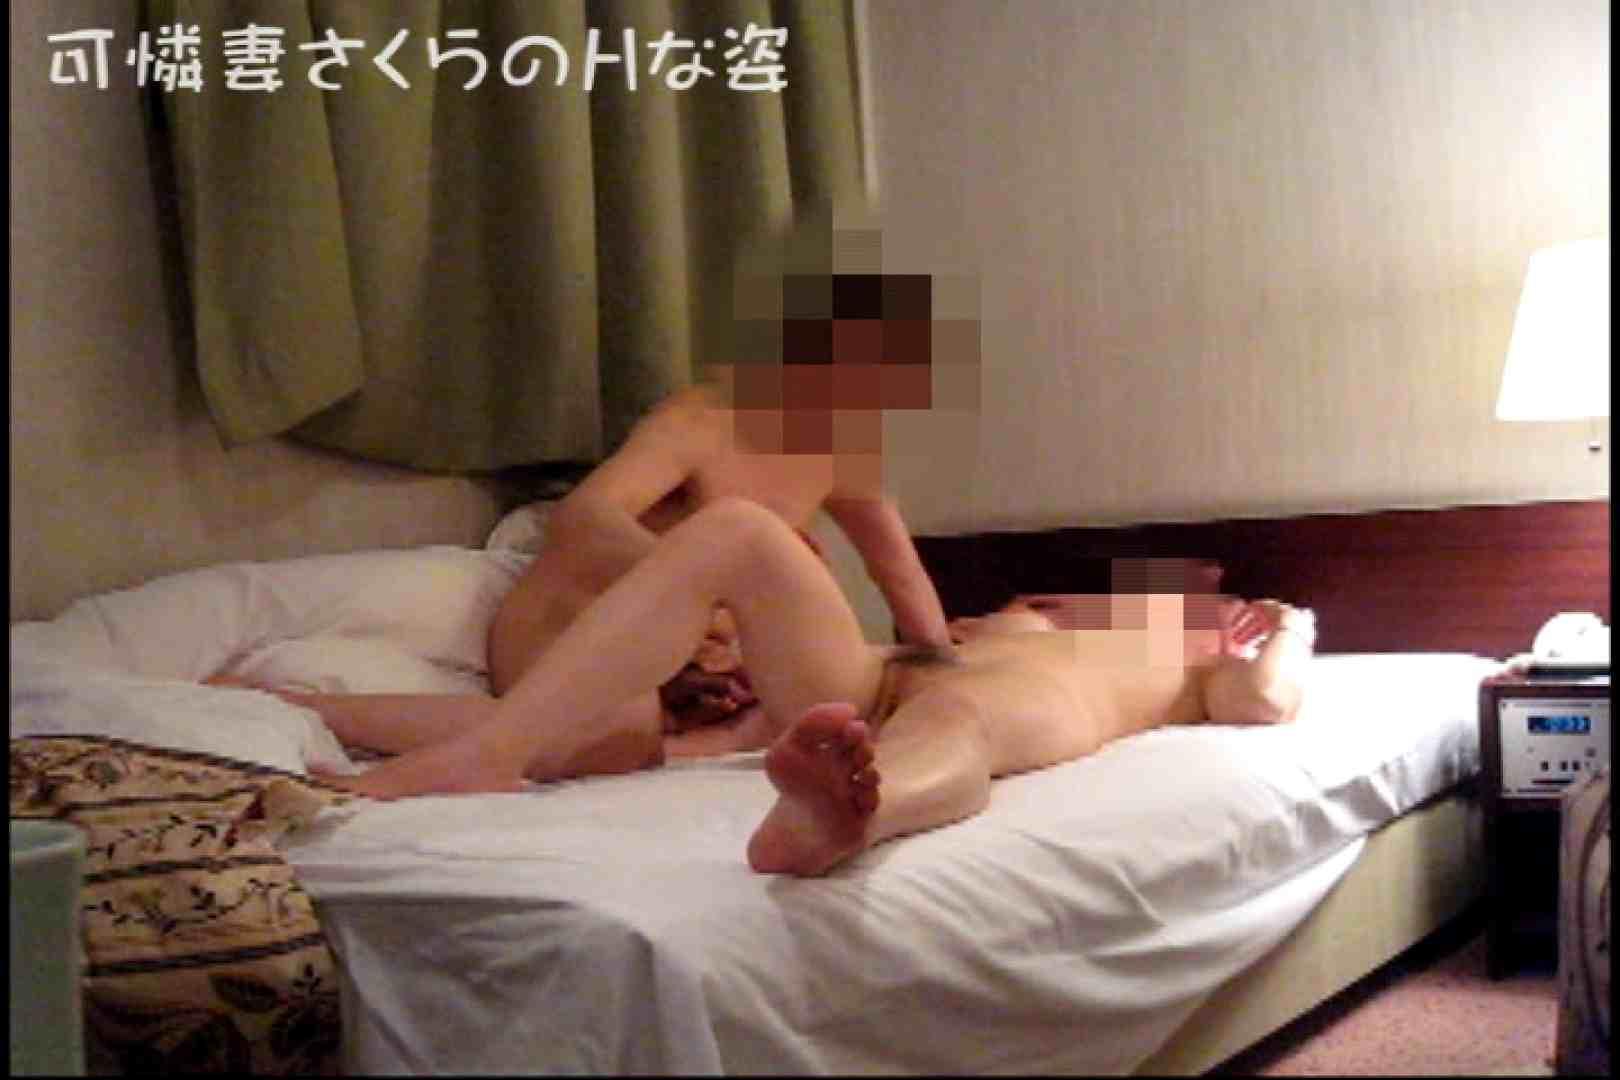 可憐妻さくらのHな姿vol.5前編 ホテル のぞき動画画像 108PIX 53